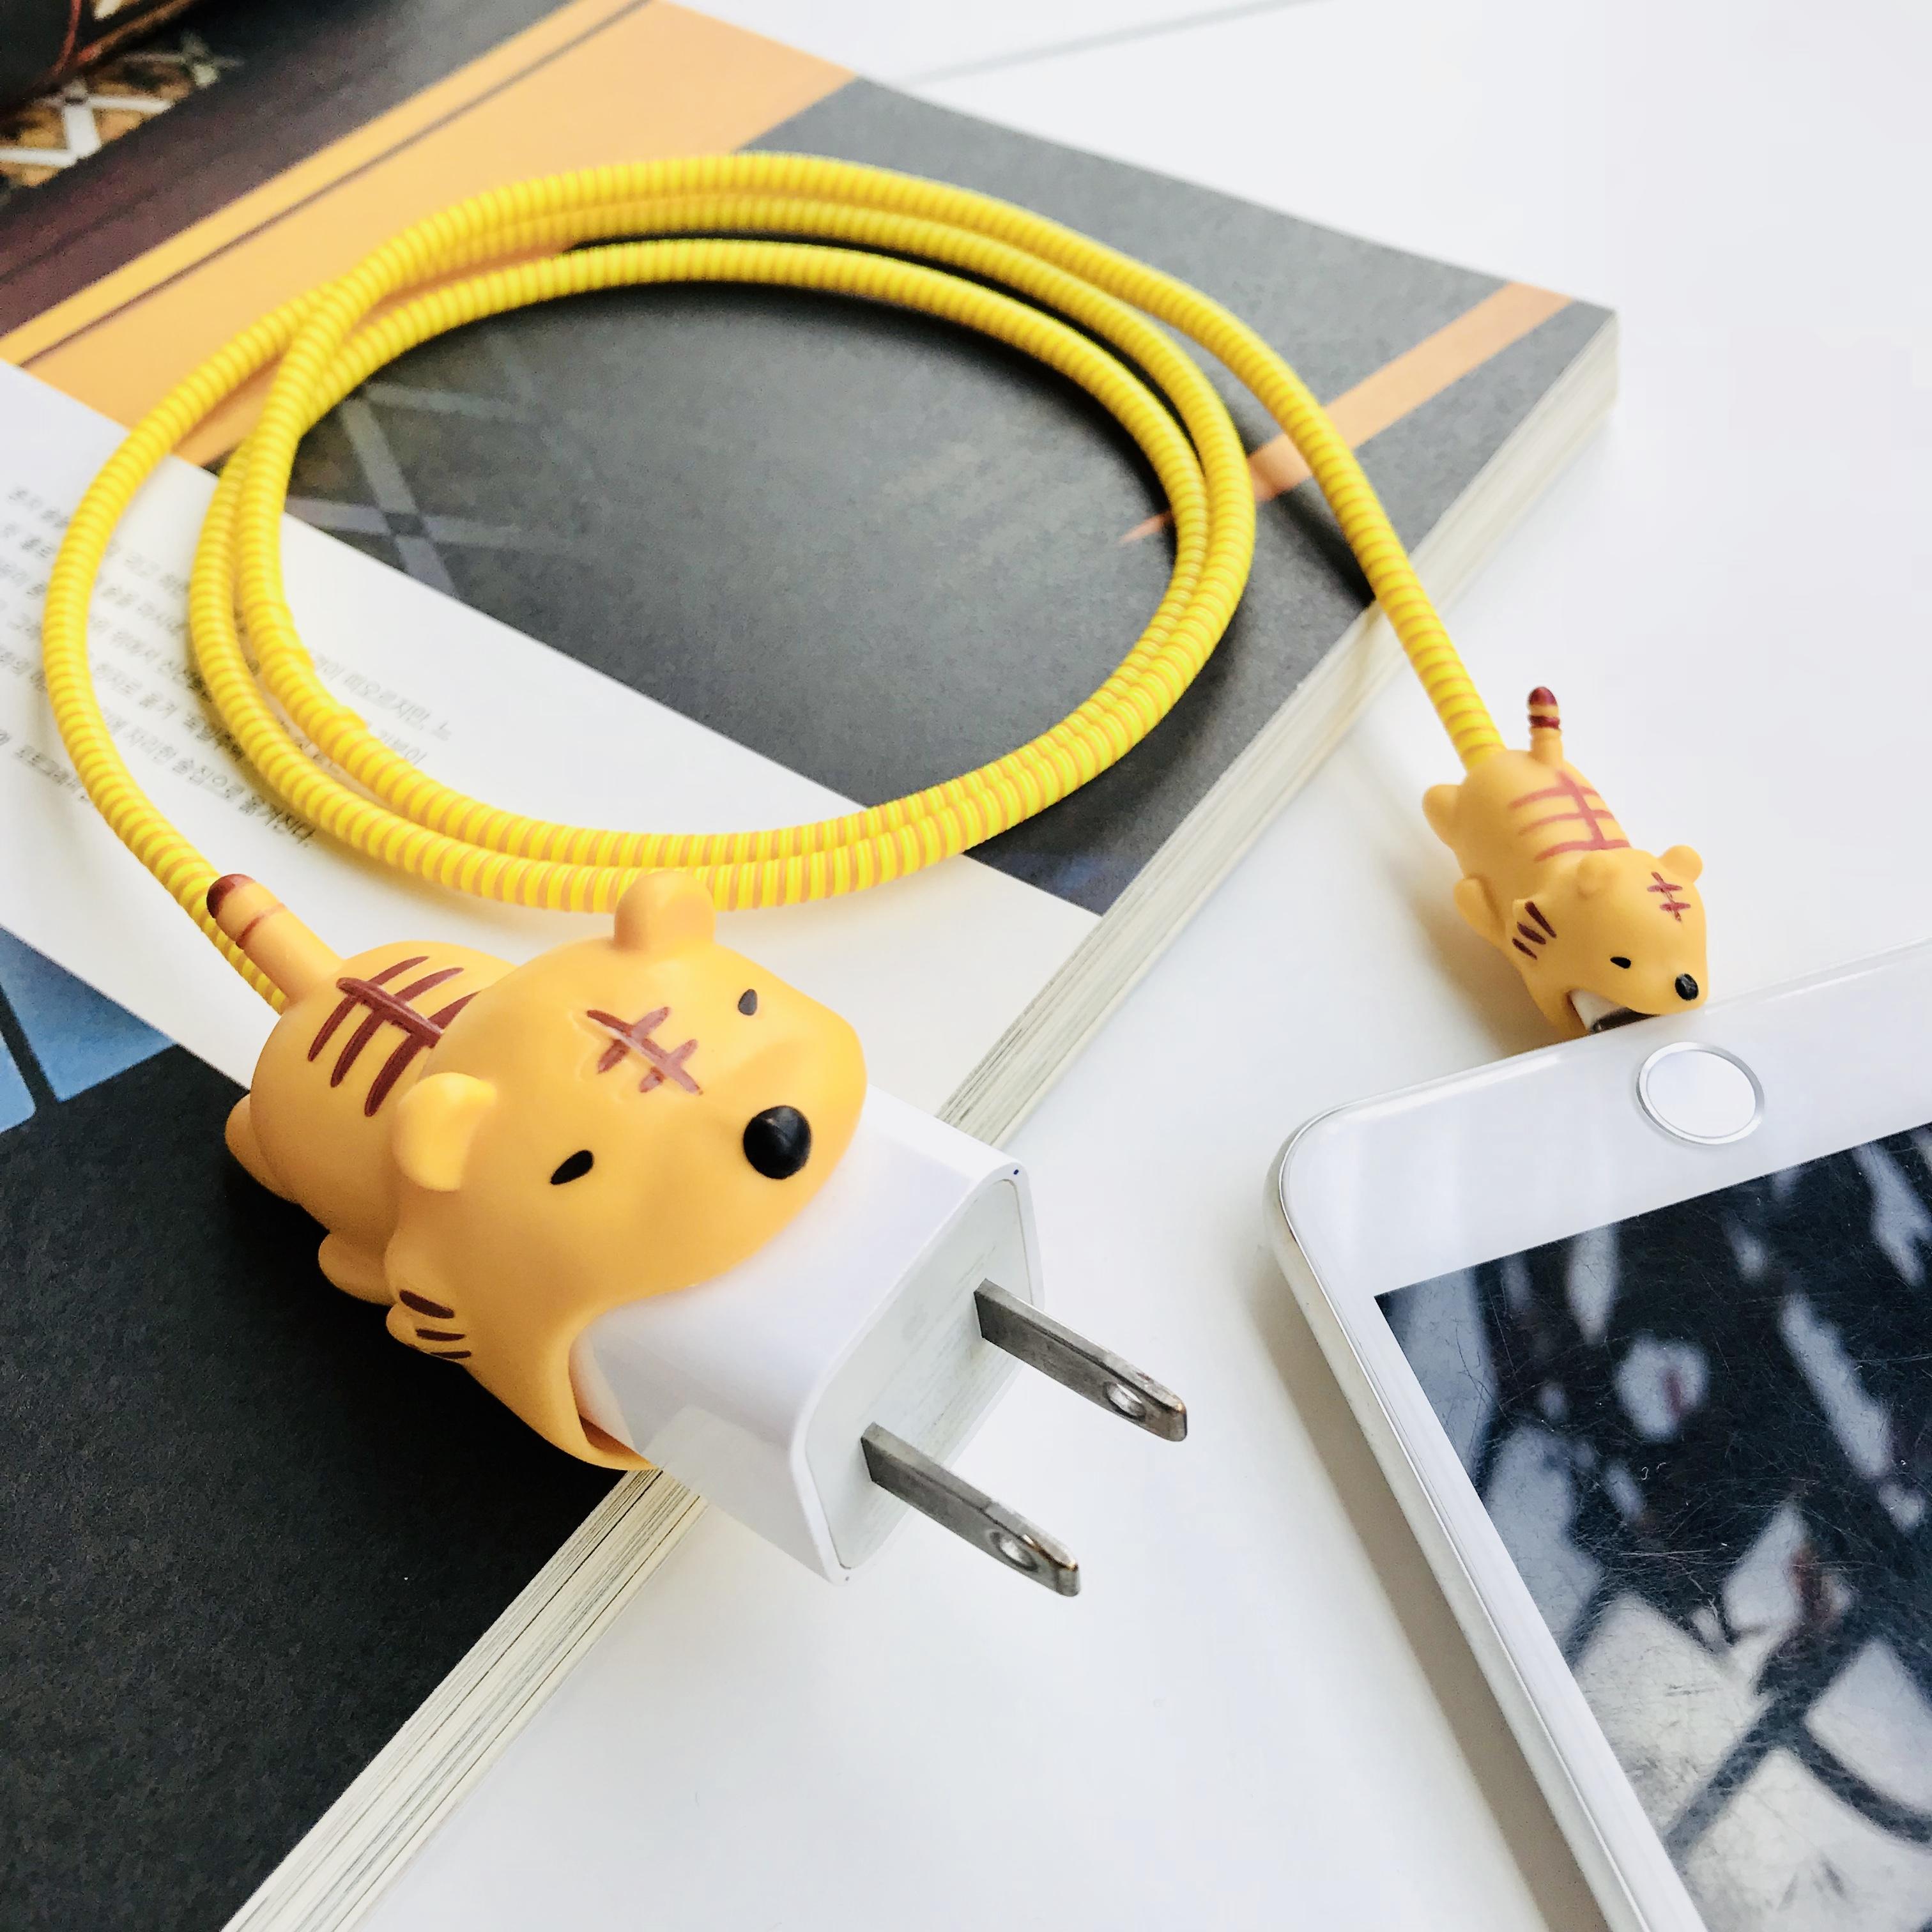 咬線器蘋果數據線保護套手機充電器保護繩iPhone充電線耳機防折斷